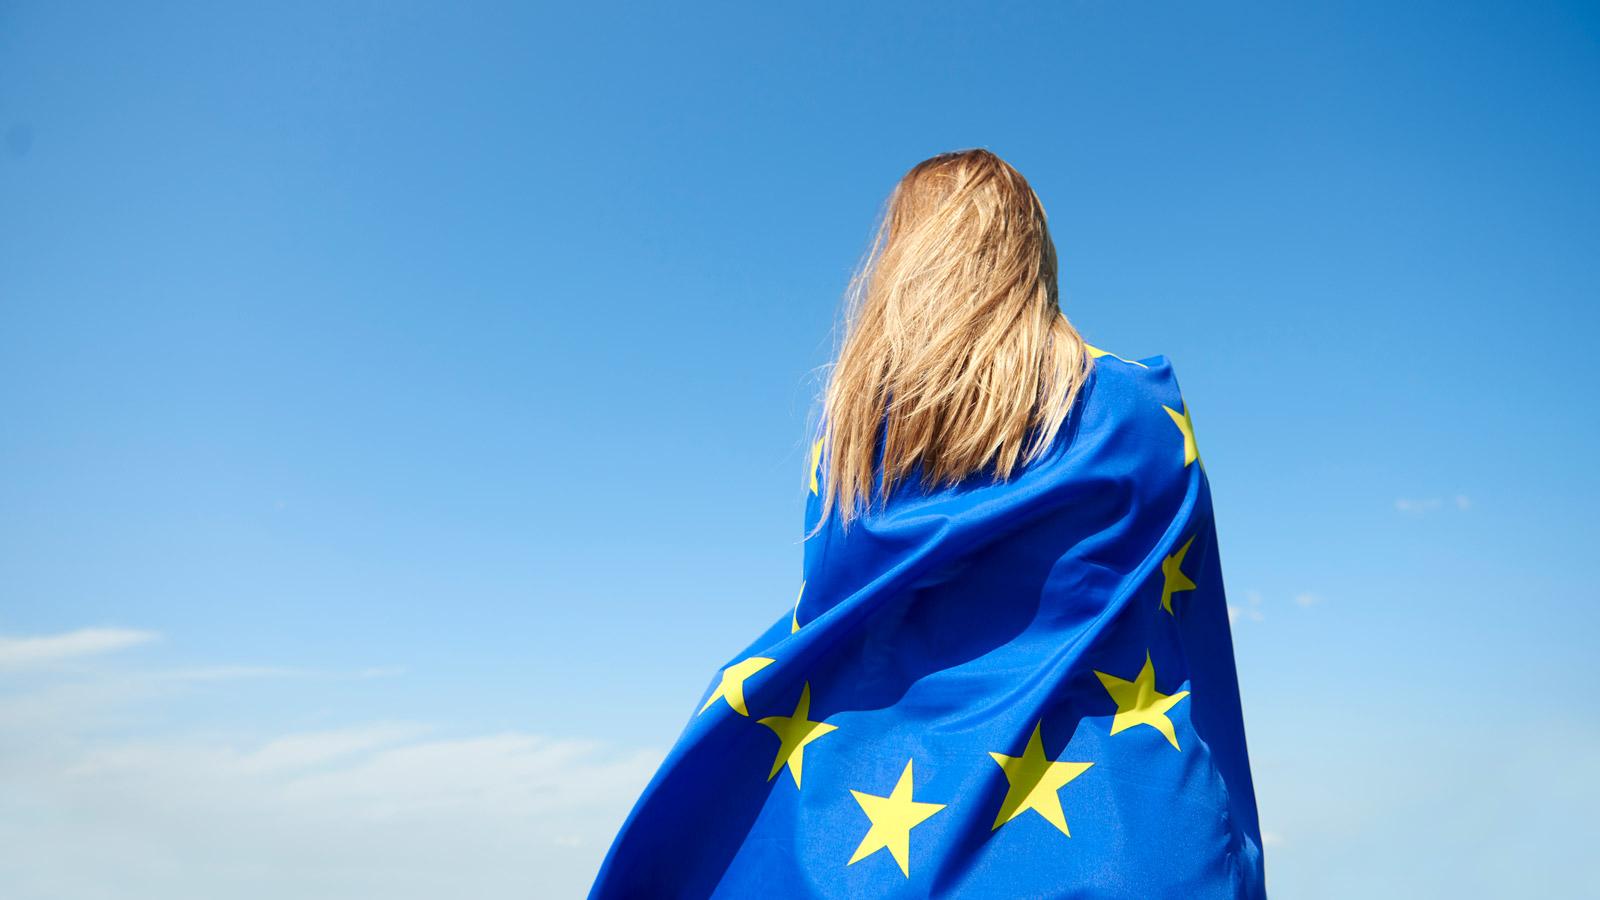 Co roku budżety państw w całej UE tracą 63,8 mld PLN – RAPORT Unia Europejska mediarun ue flaga budzet europa 2020